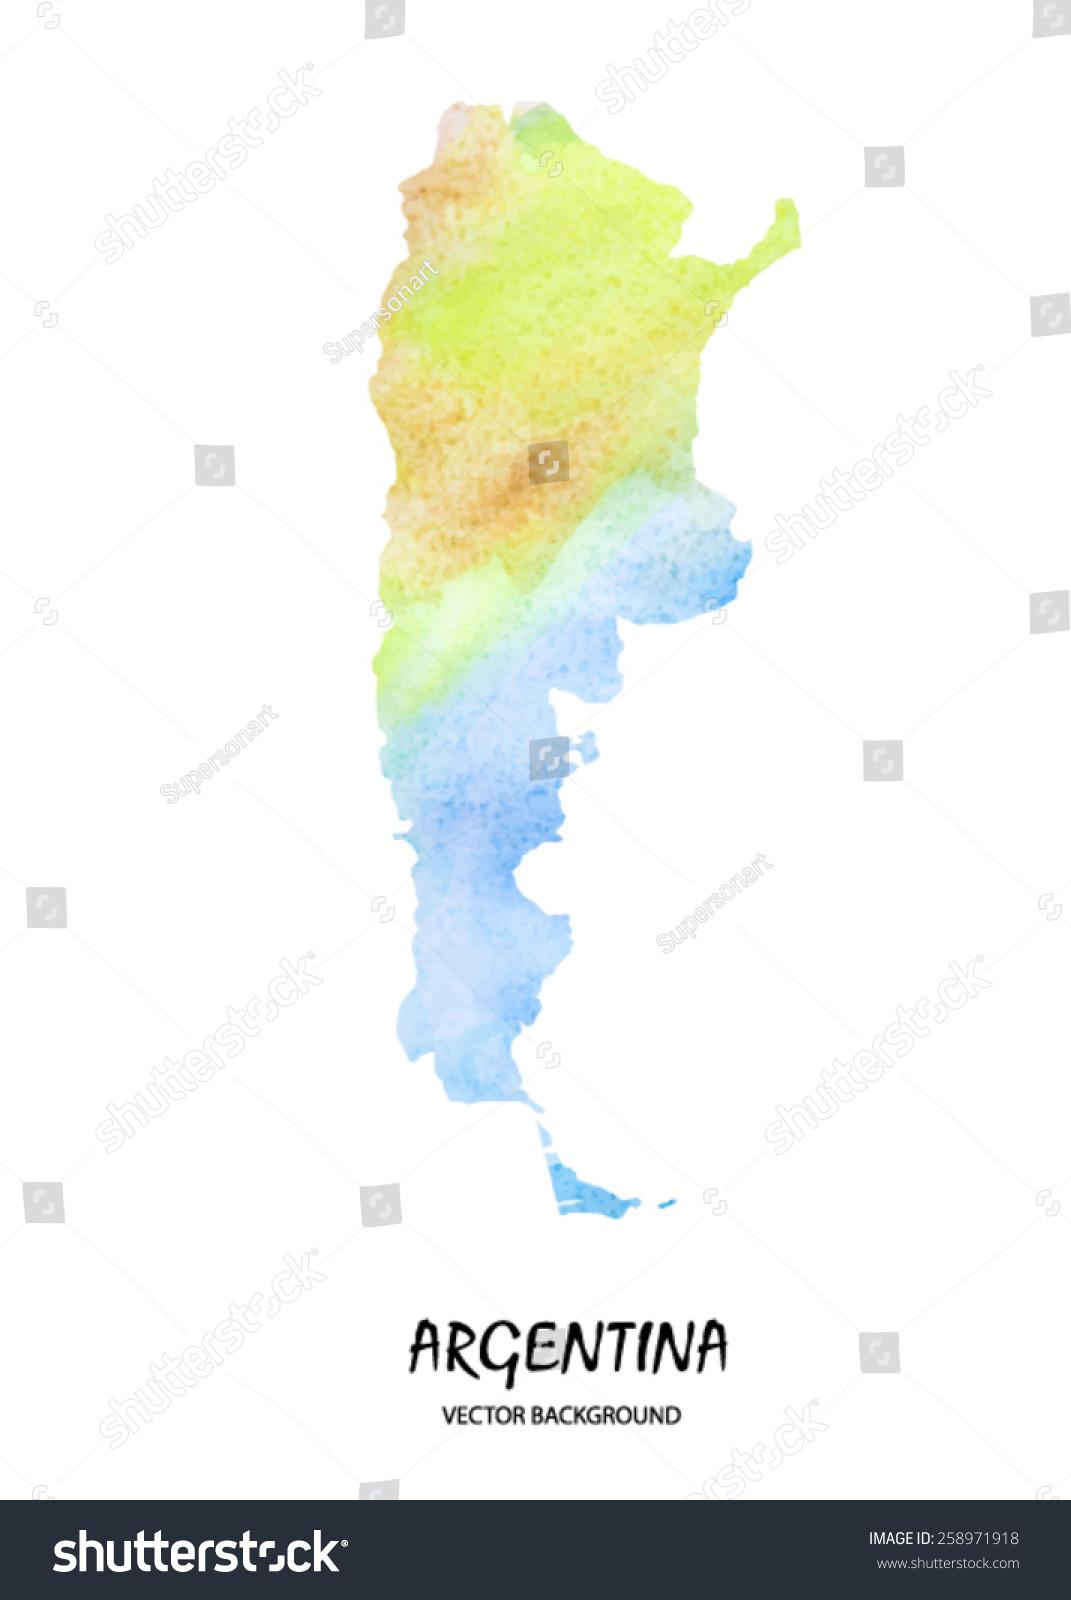 手绘水彩地图阿根廷孤立在白色的.向量的版本-艺术